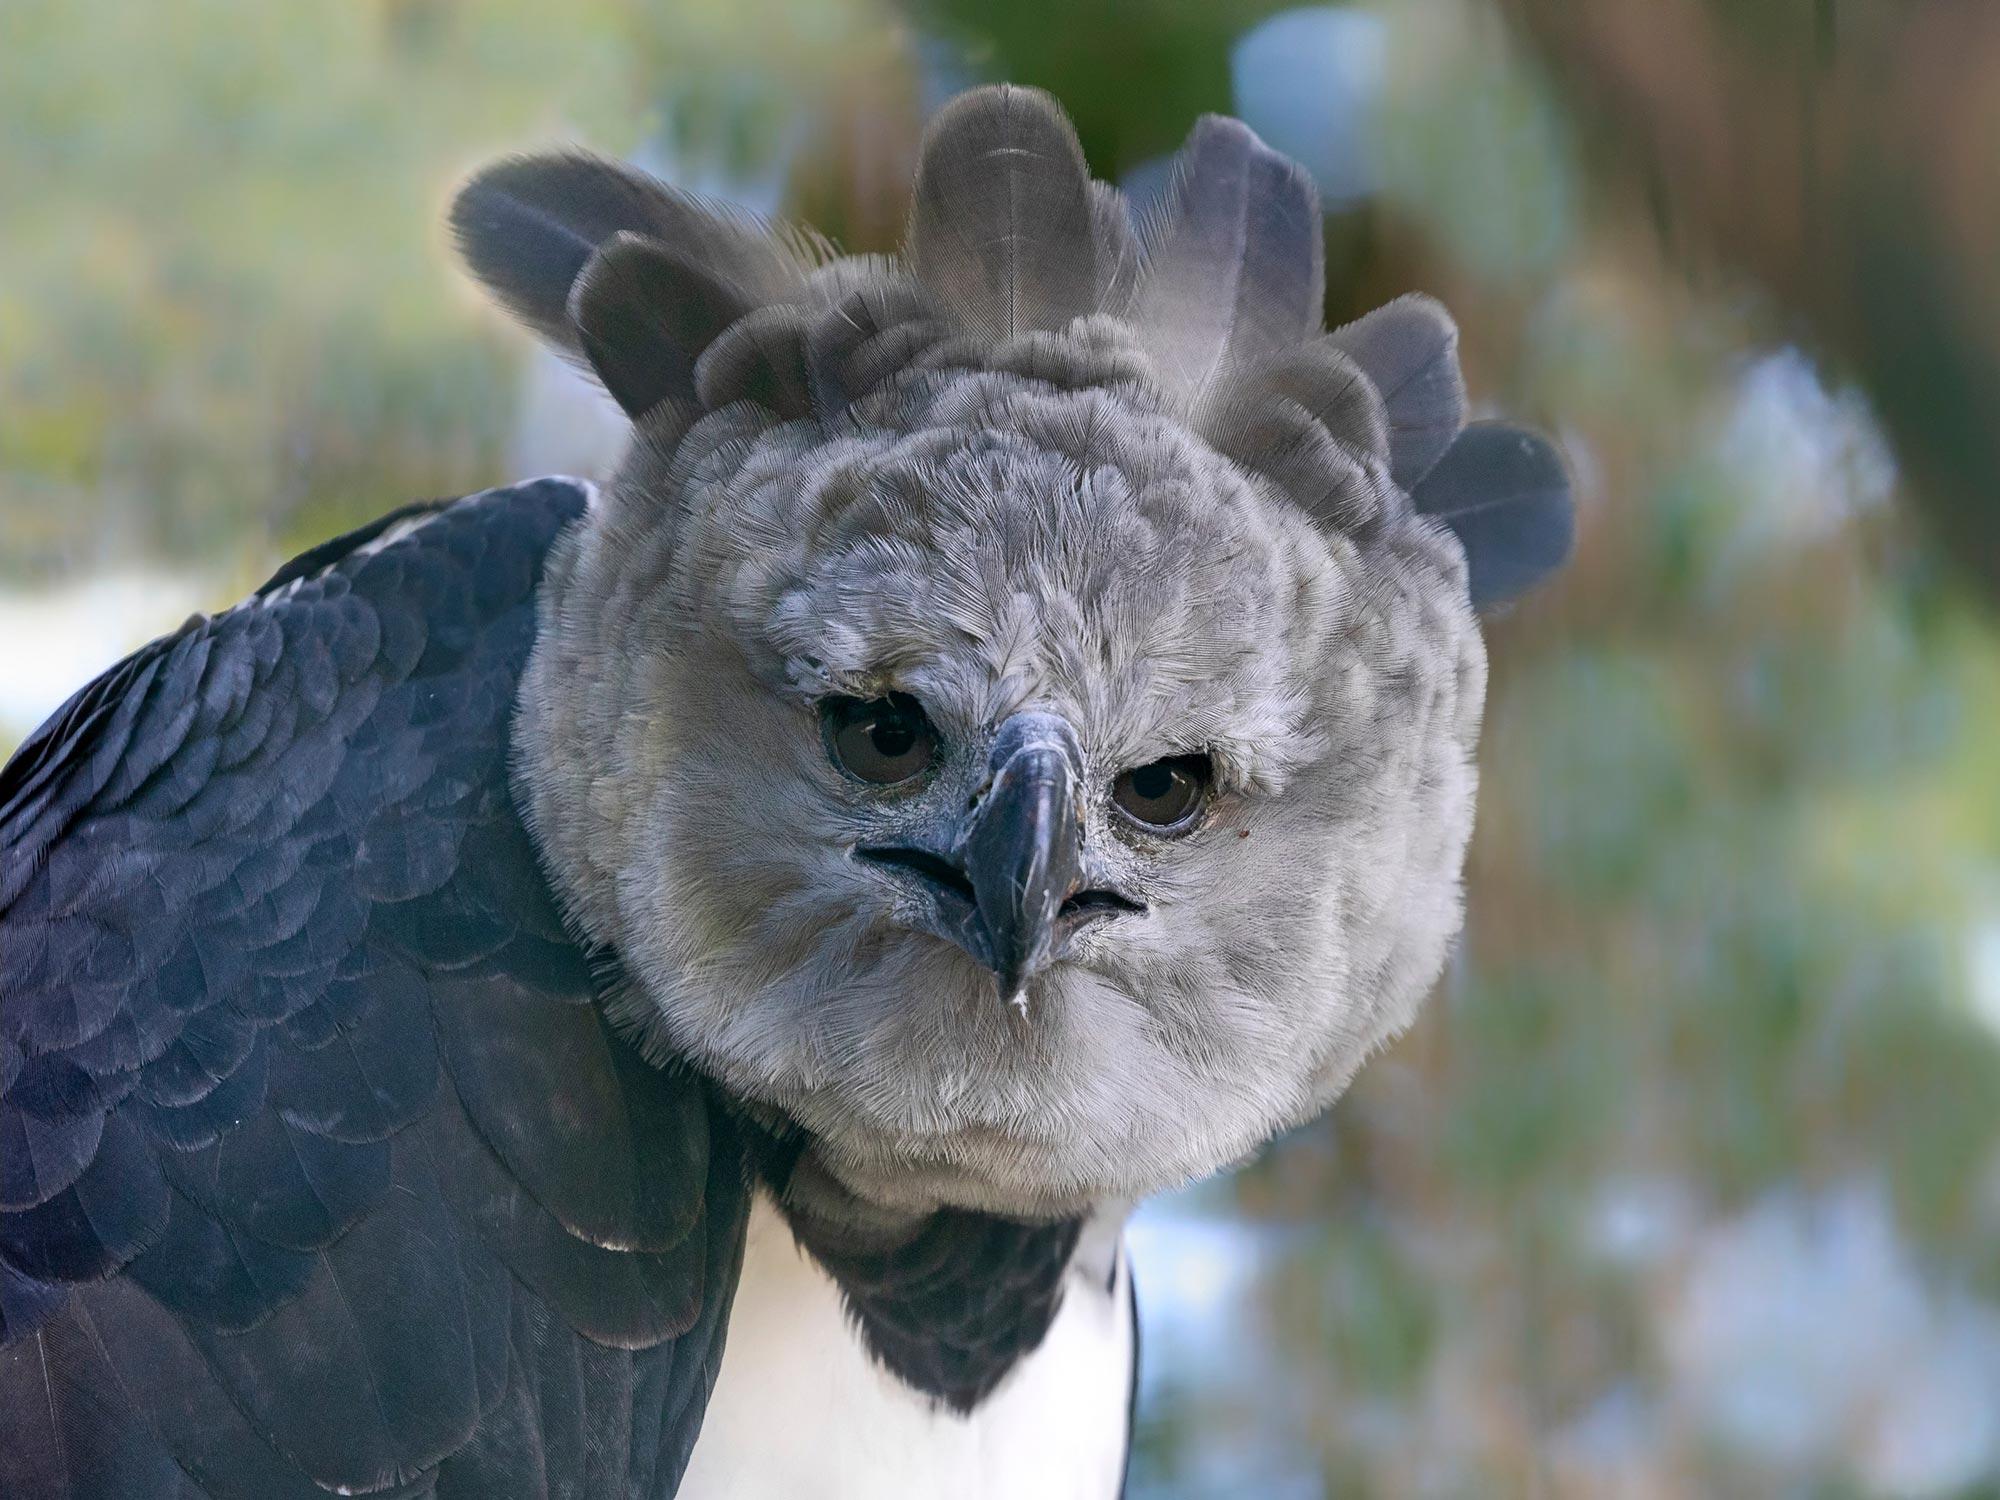 世界上最大的鹰种之一--美洲角雕在亚马逊森林严重砍伐的地区艰难地哺育后代